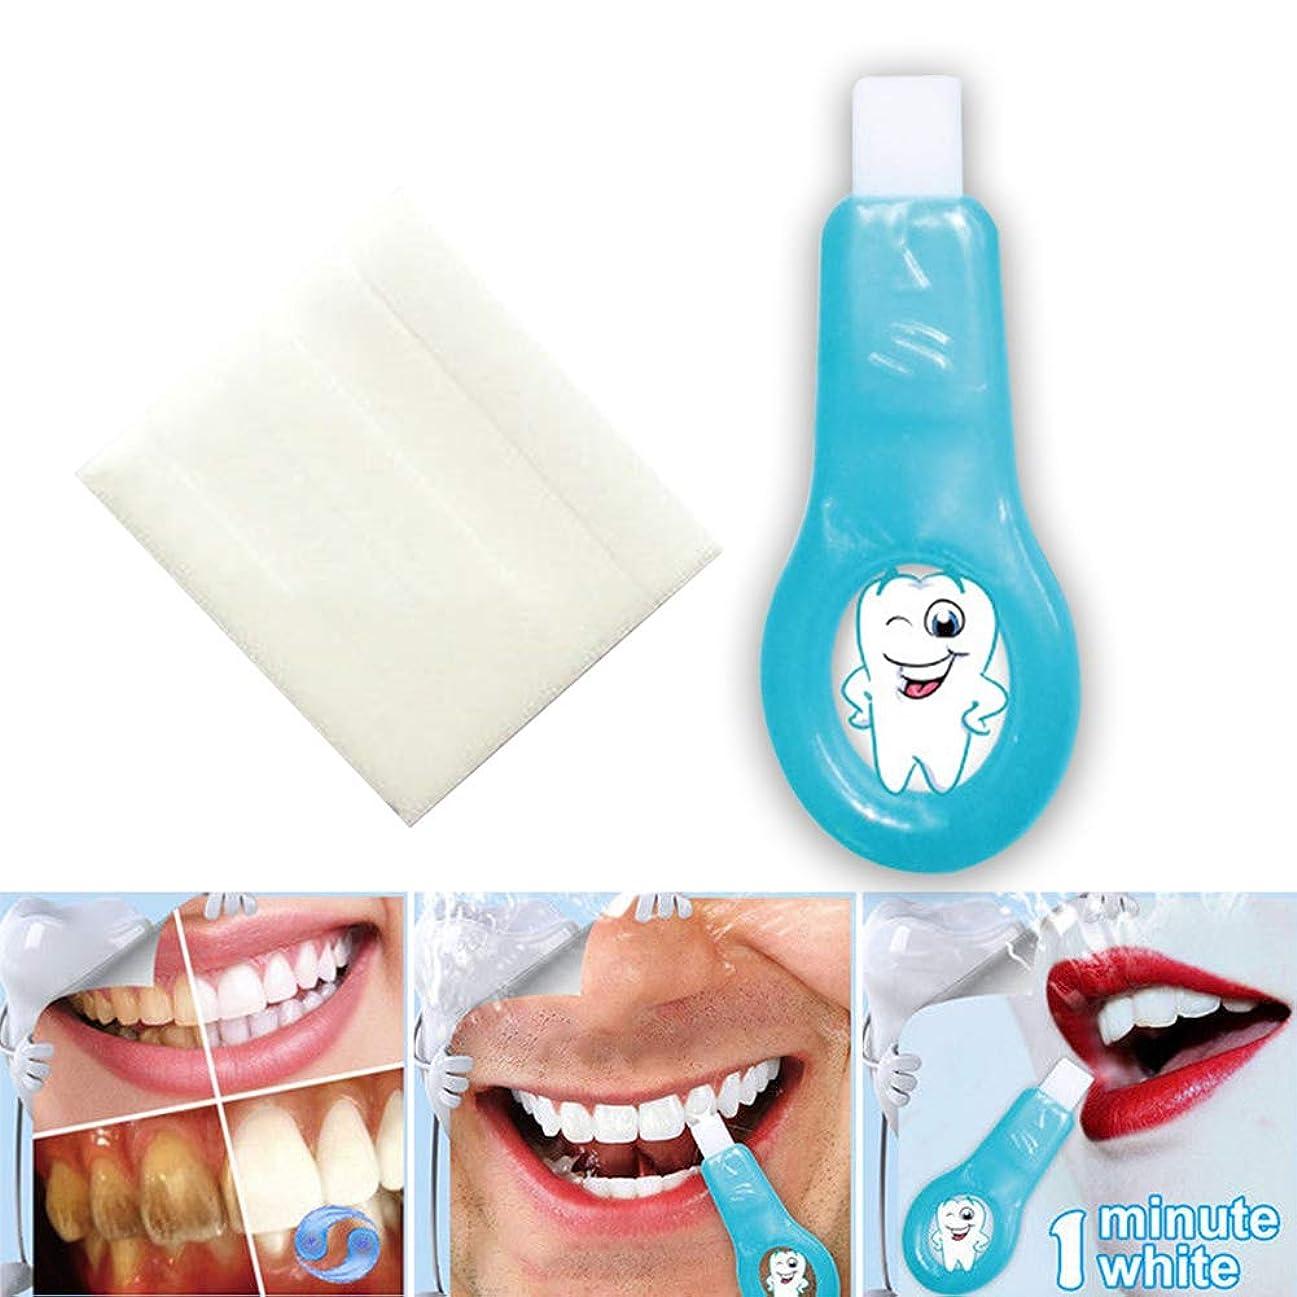 不器用三入札ホワイト ホワイトニング エッセンス プレミアム 、洗浄ブラシを美化する柔らかい歯、歯の汚れ、コーヒーの汚れを取り除く(2 X クリーニングスティック+ 5 X コットンストリップ)